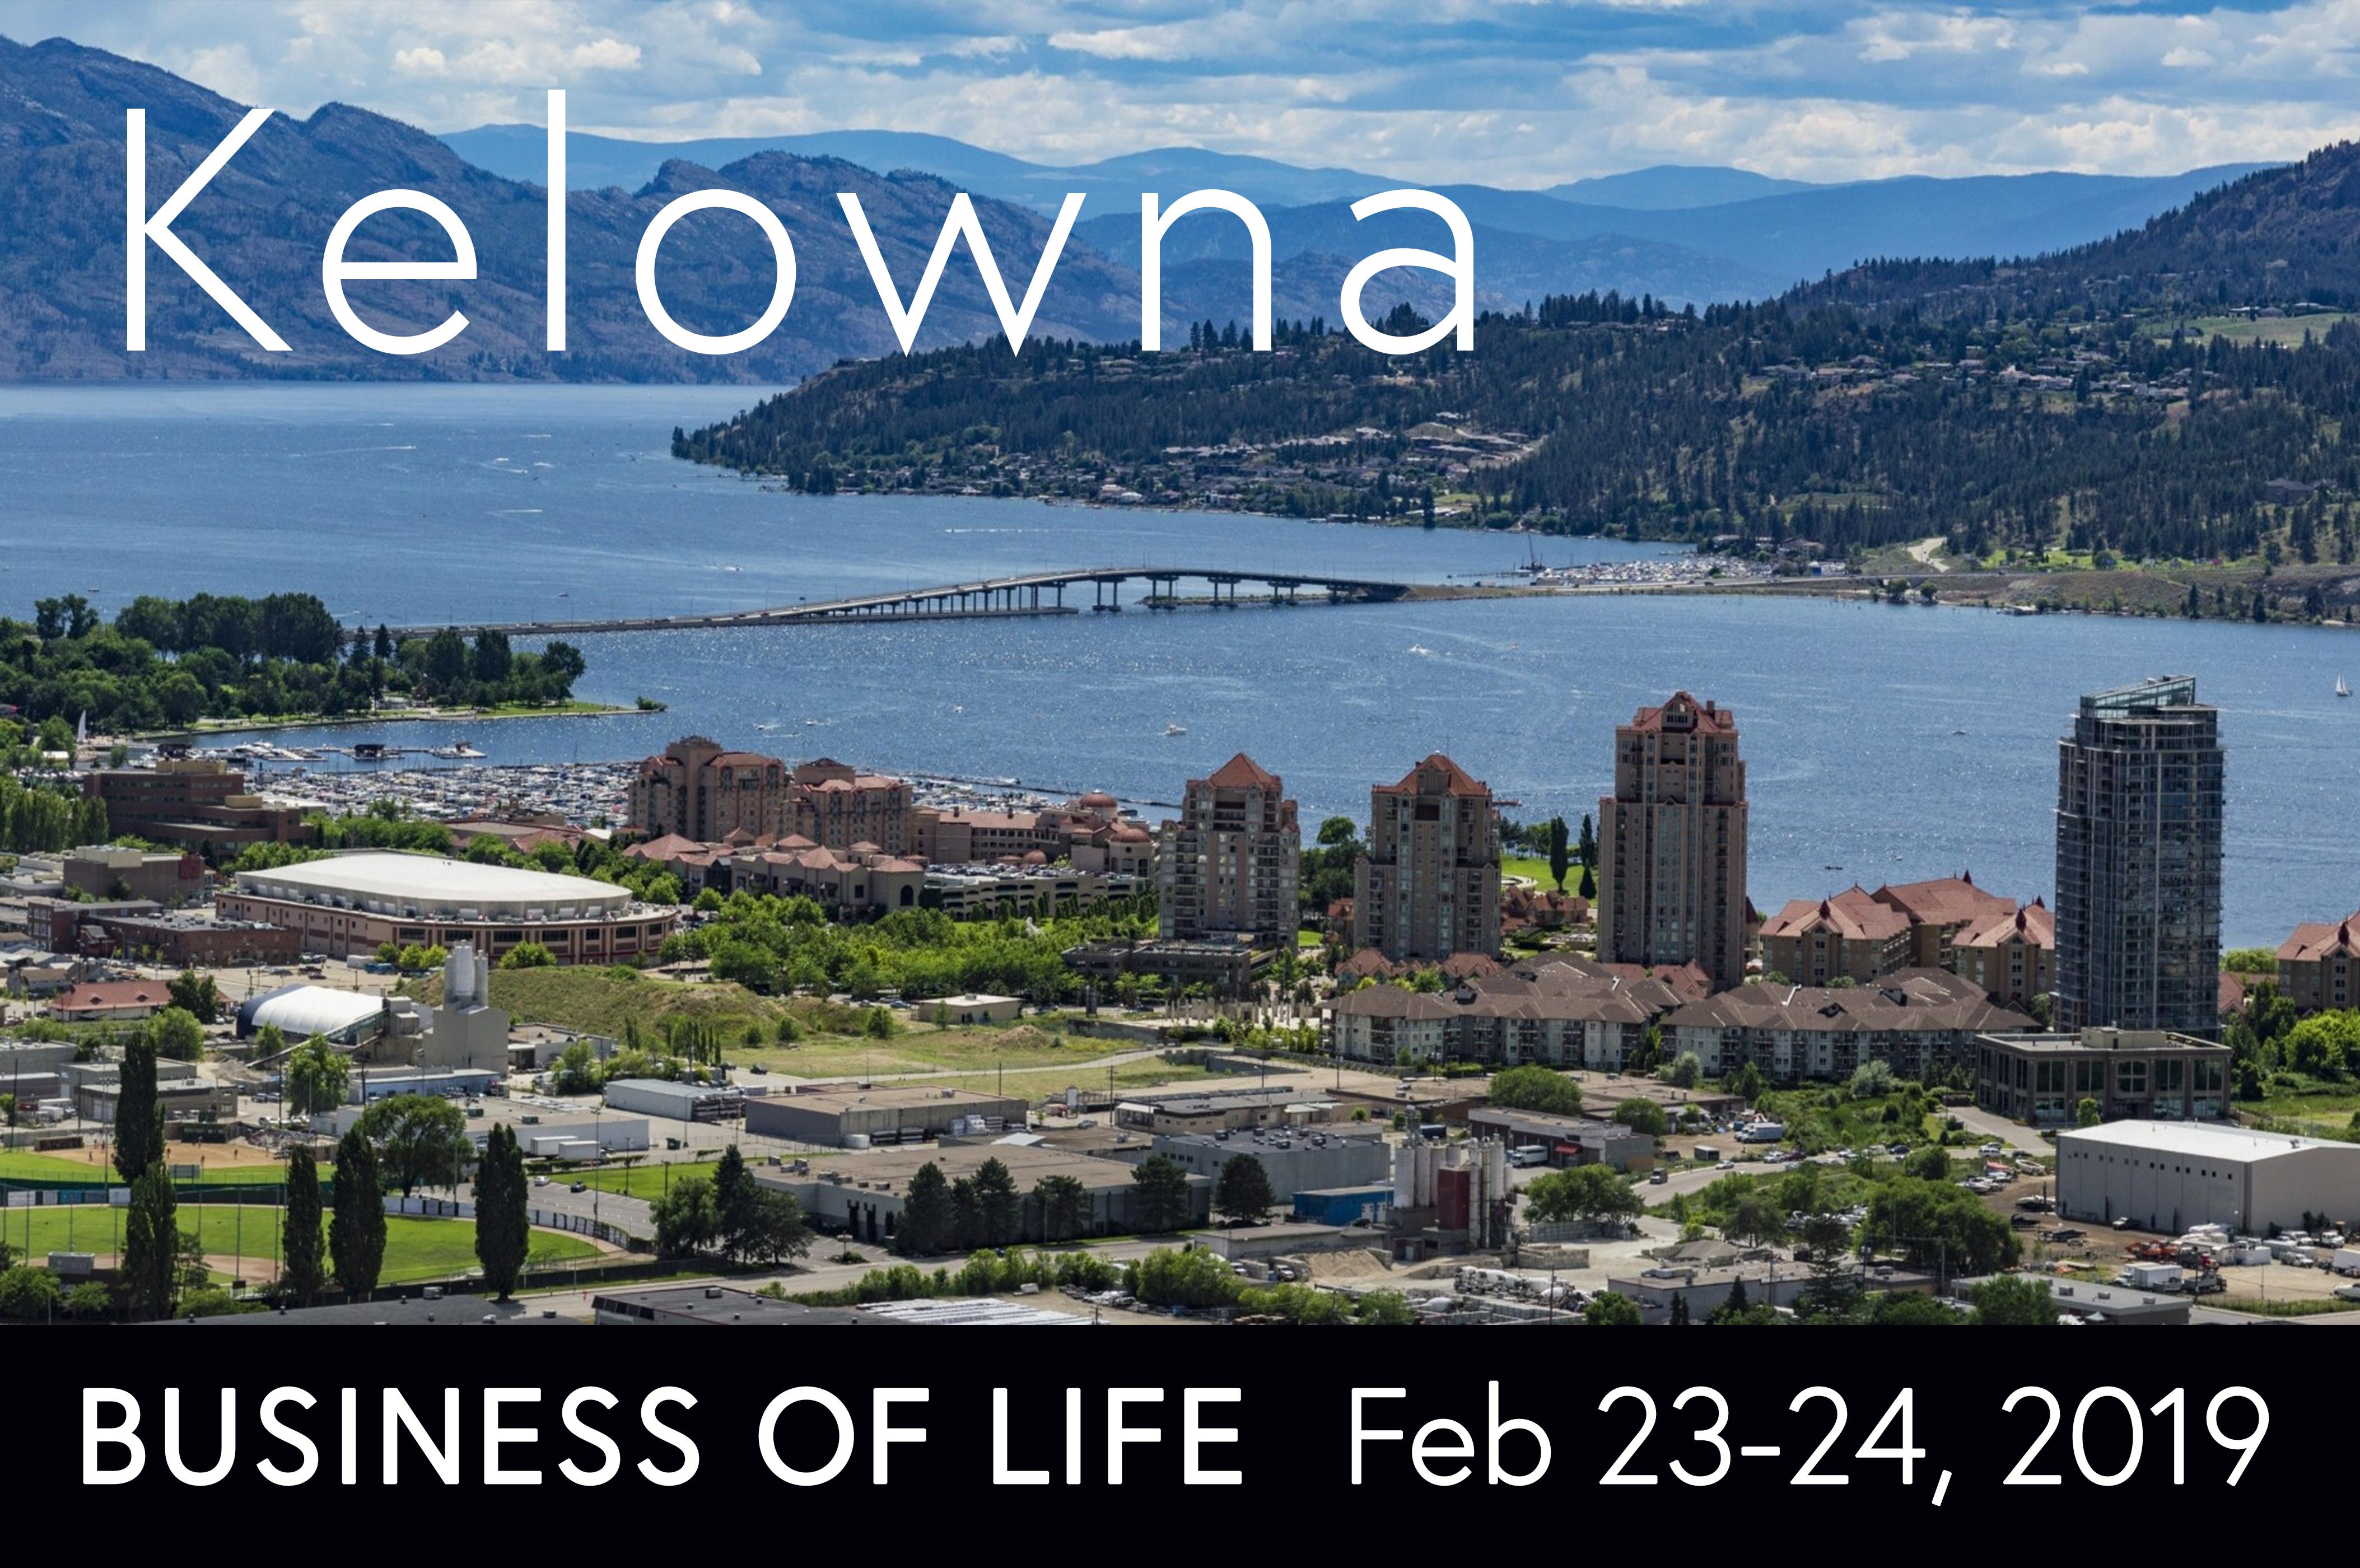 Business of Life - Kelowna, BC - Feb 23-24 00041